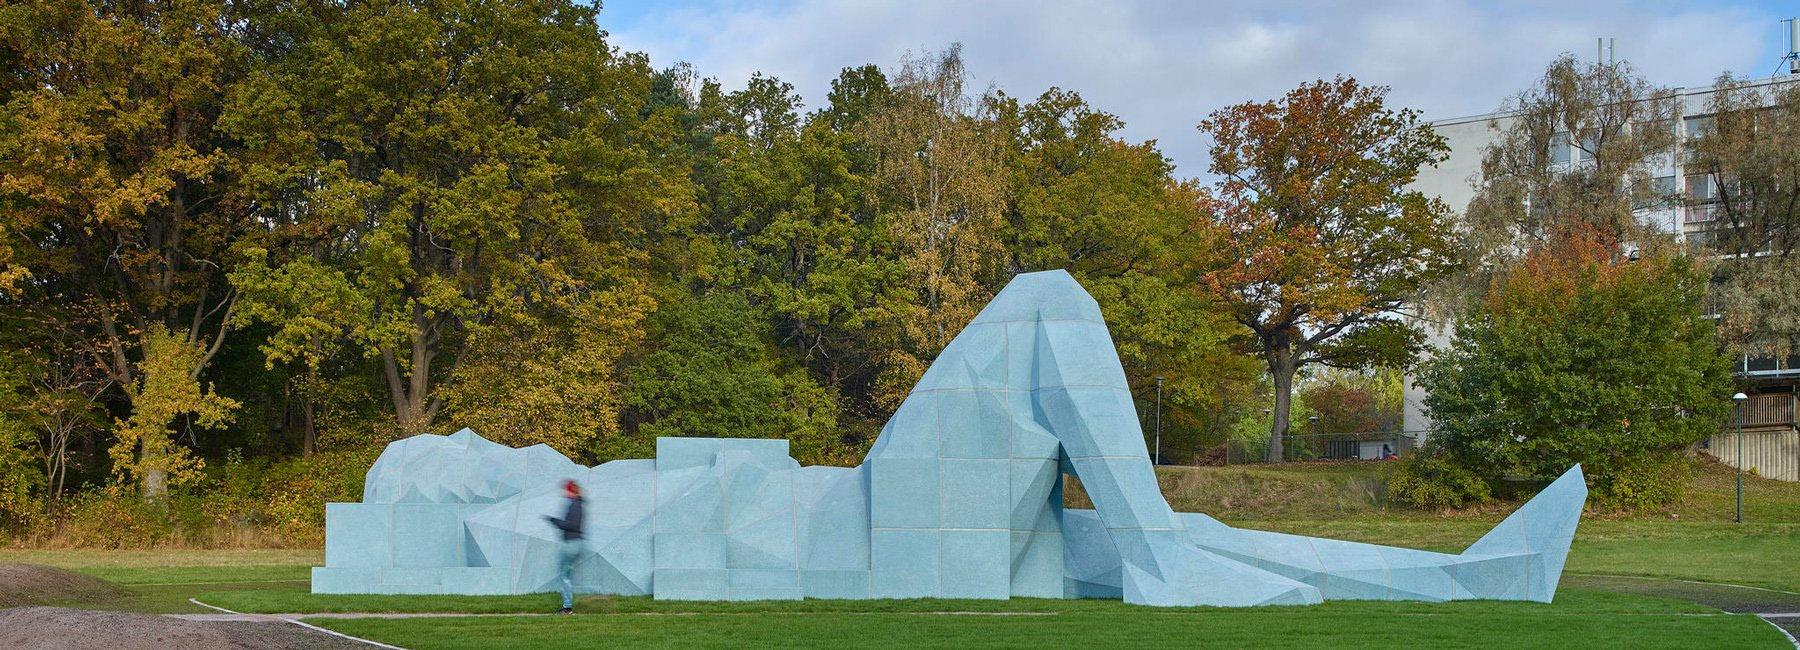 آبی های عظیمالجثه به مثابه مجسمه شهری در استکهلم